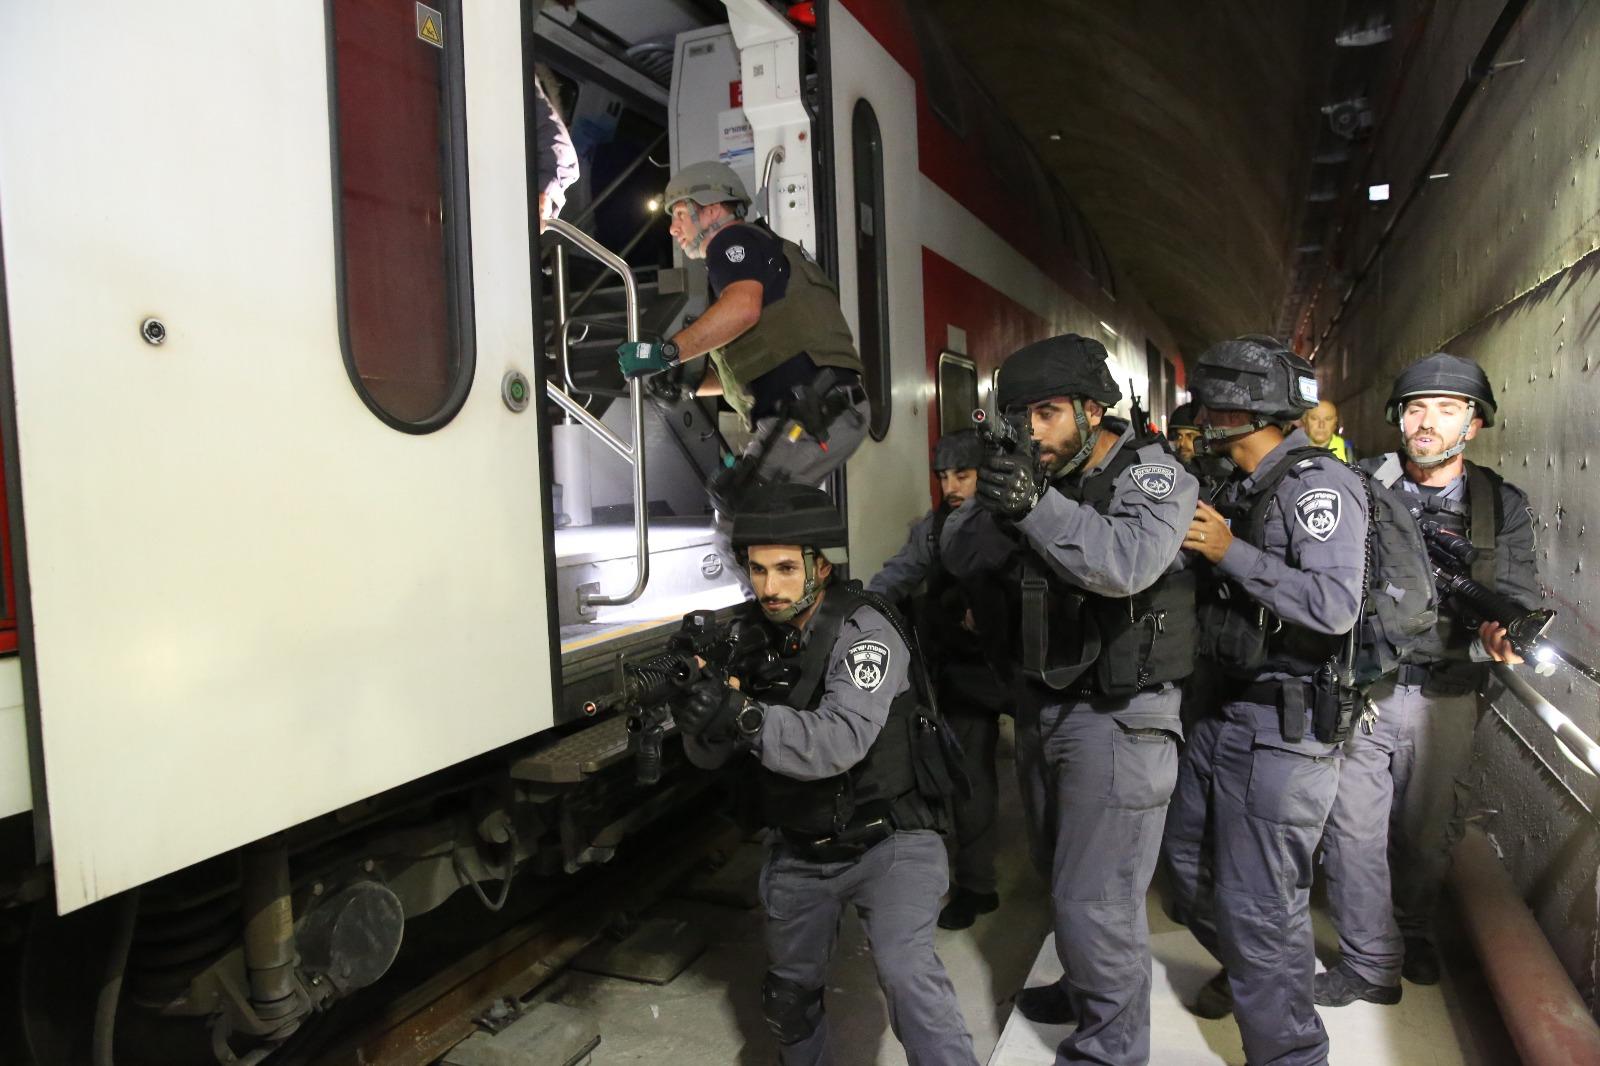 השתלטות מחבלים על רכבת נוסעת במנהרה • צפו בתרגיל